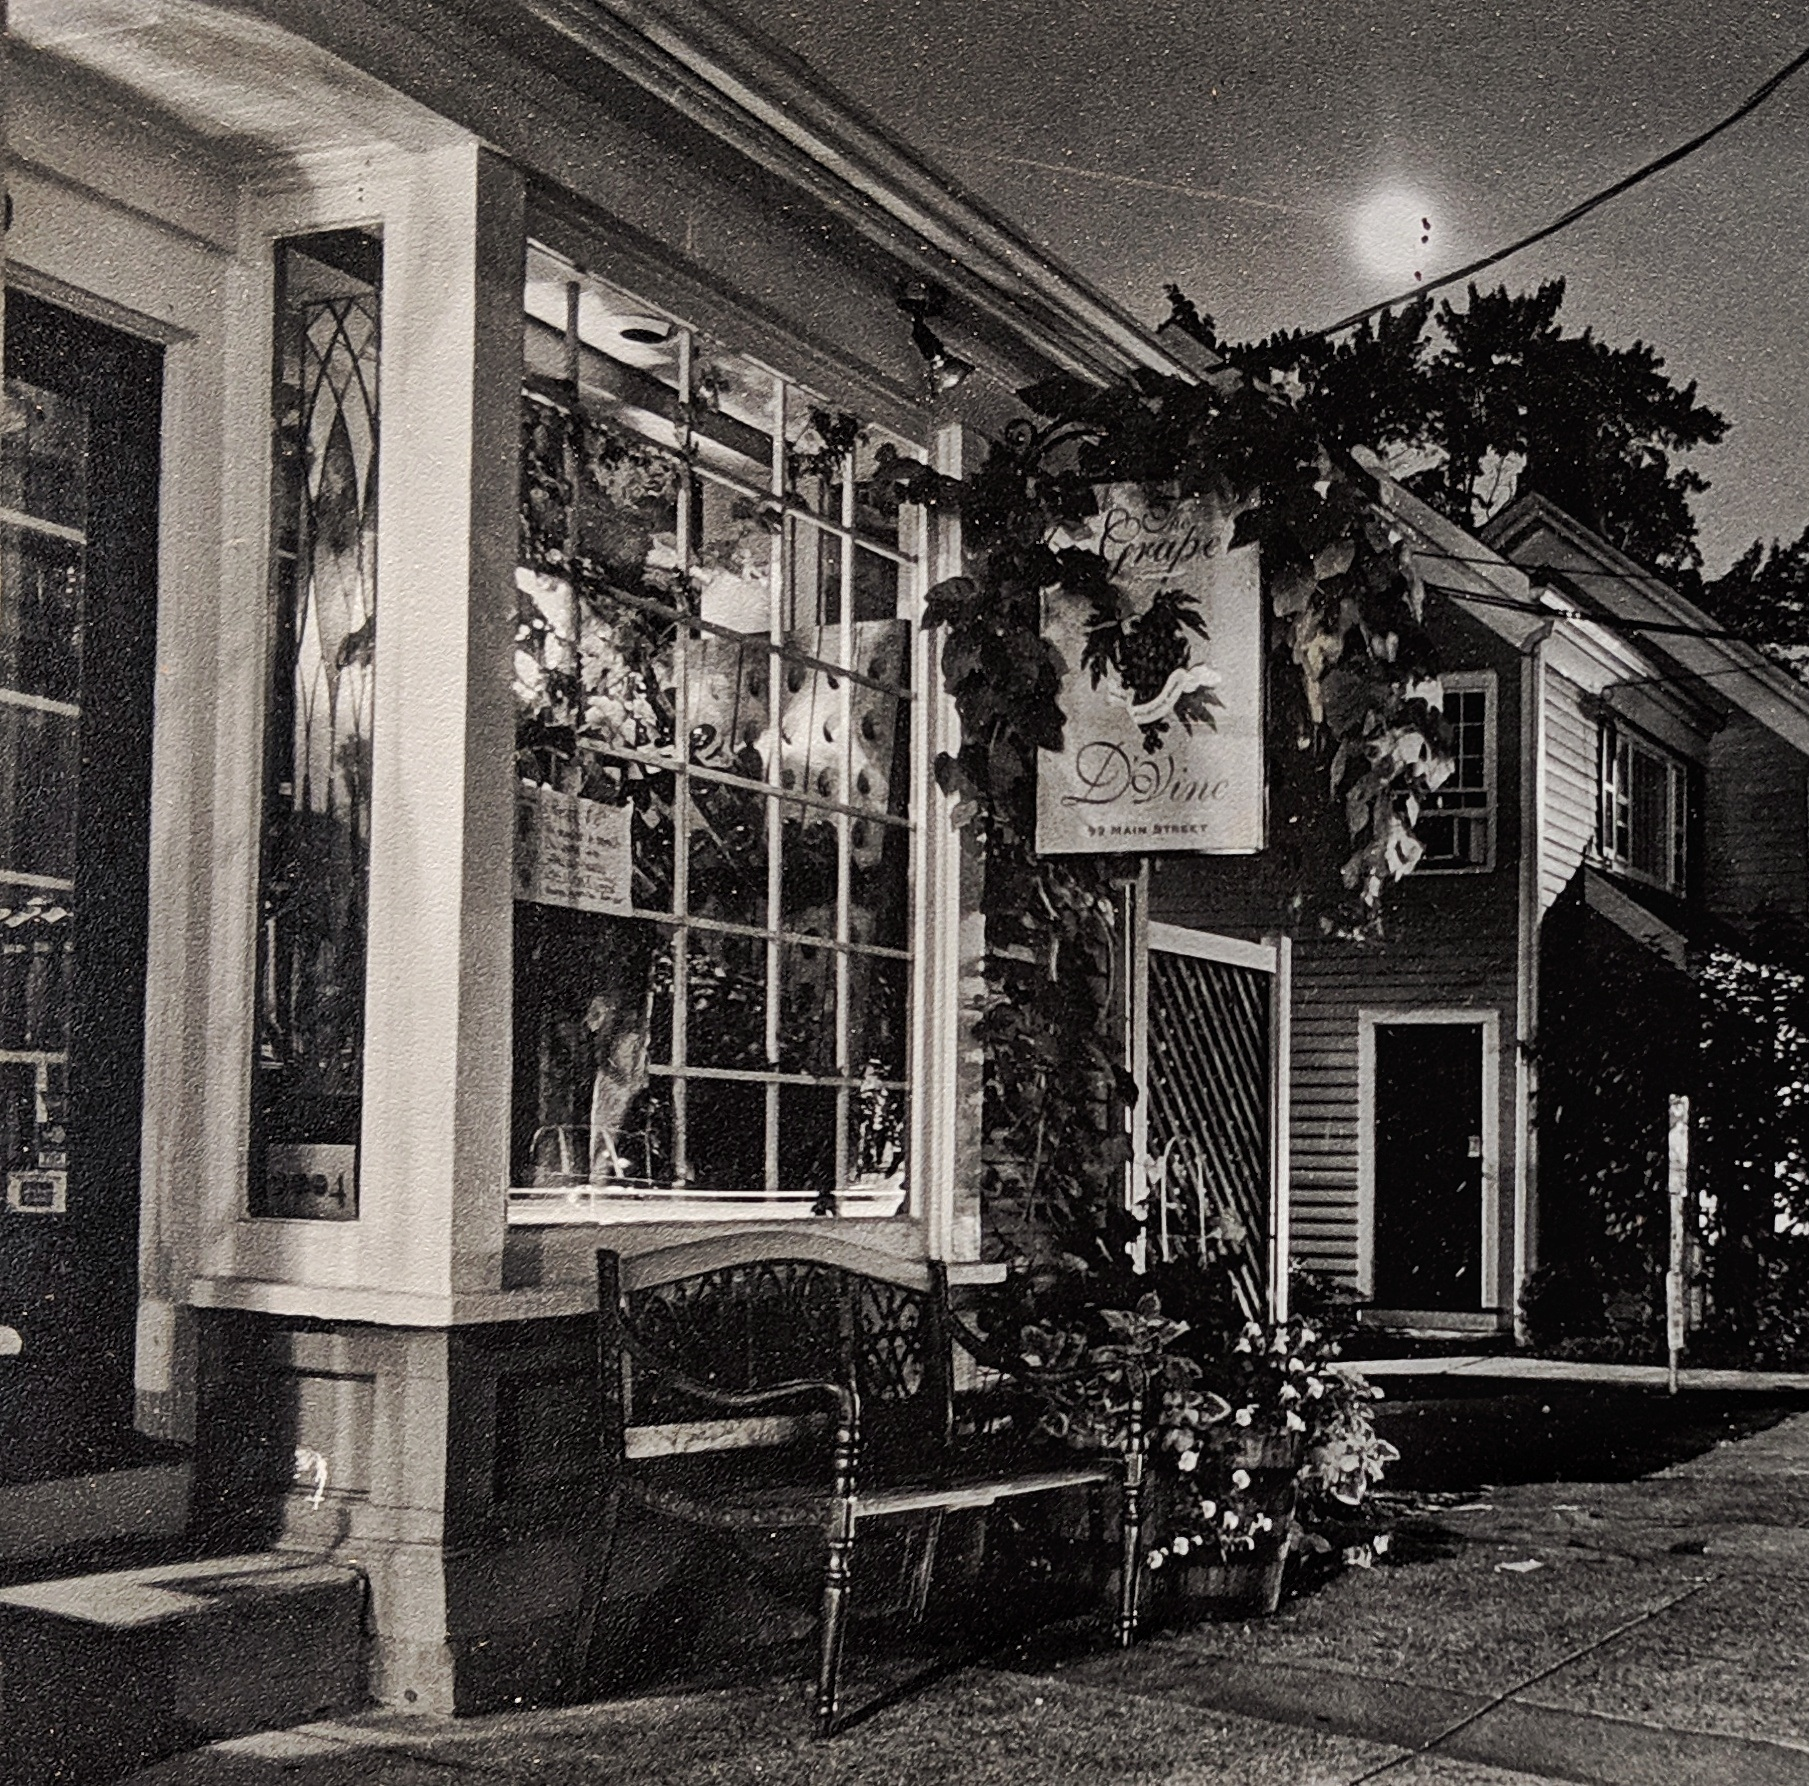 The Original Grape D'Vine in Tappan, NY.